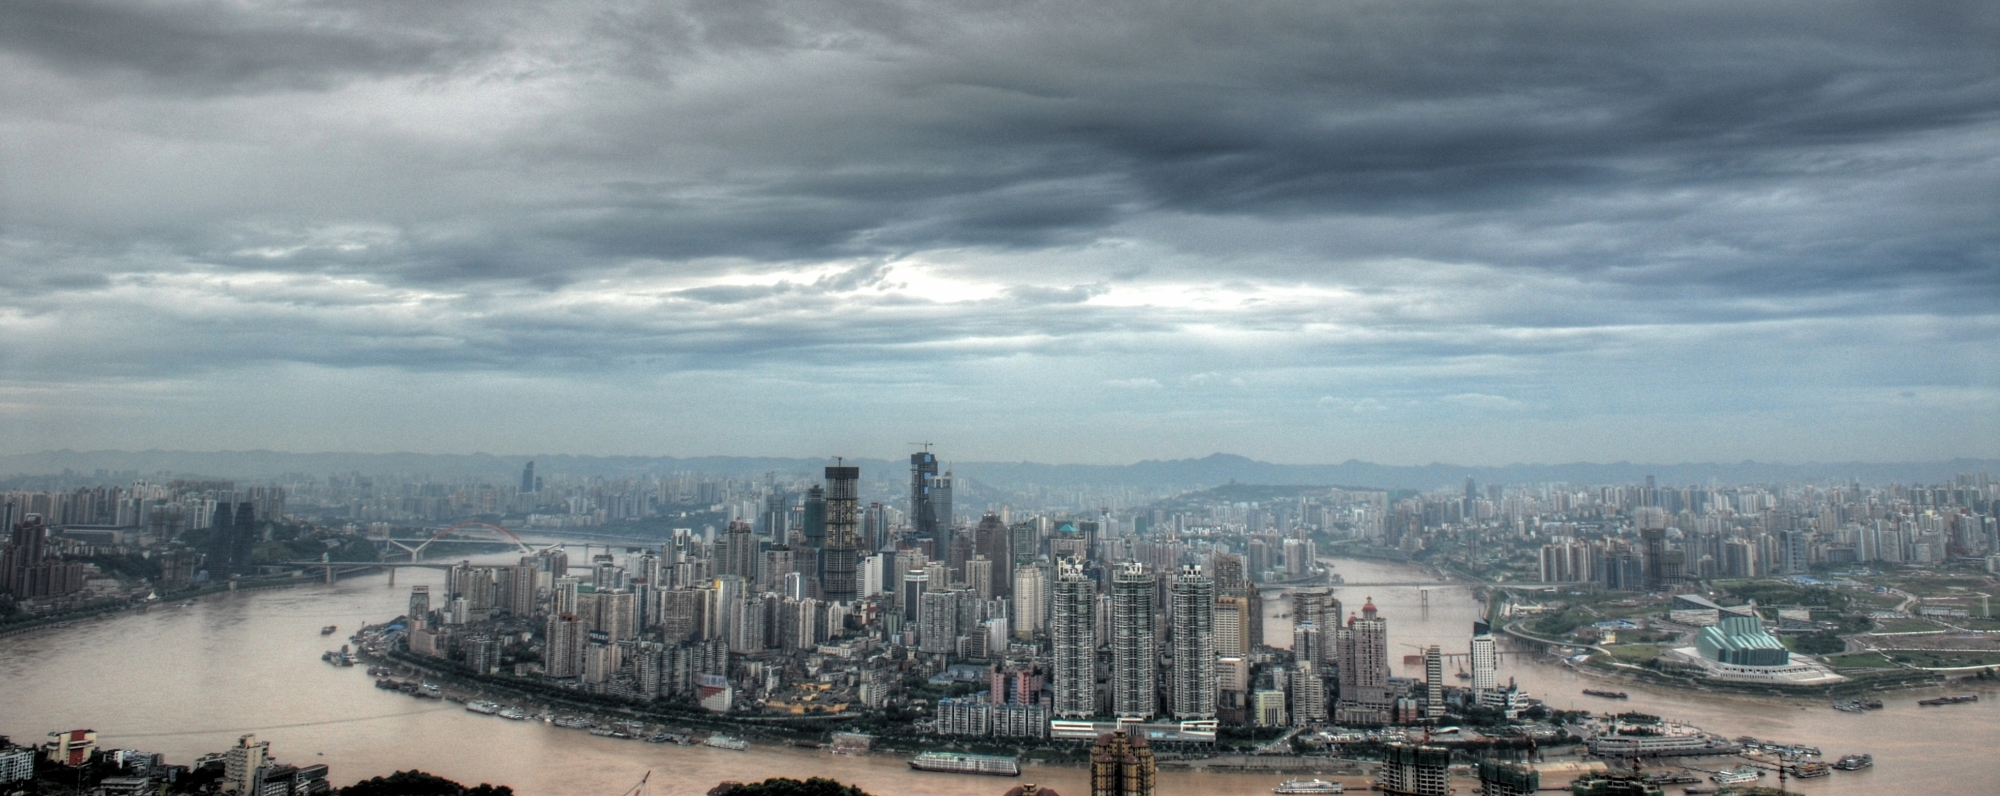 Skyline Of Chongqing